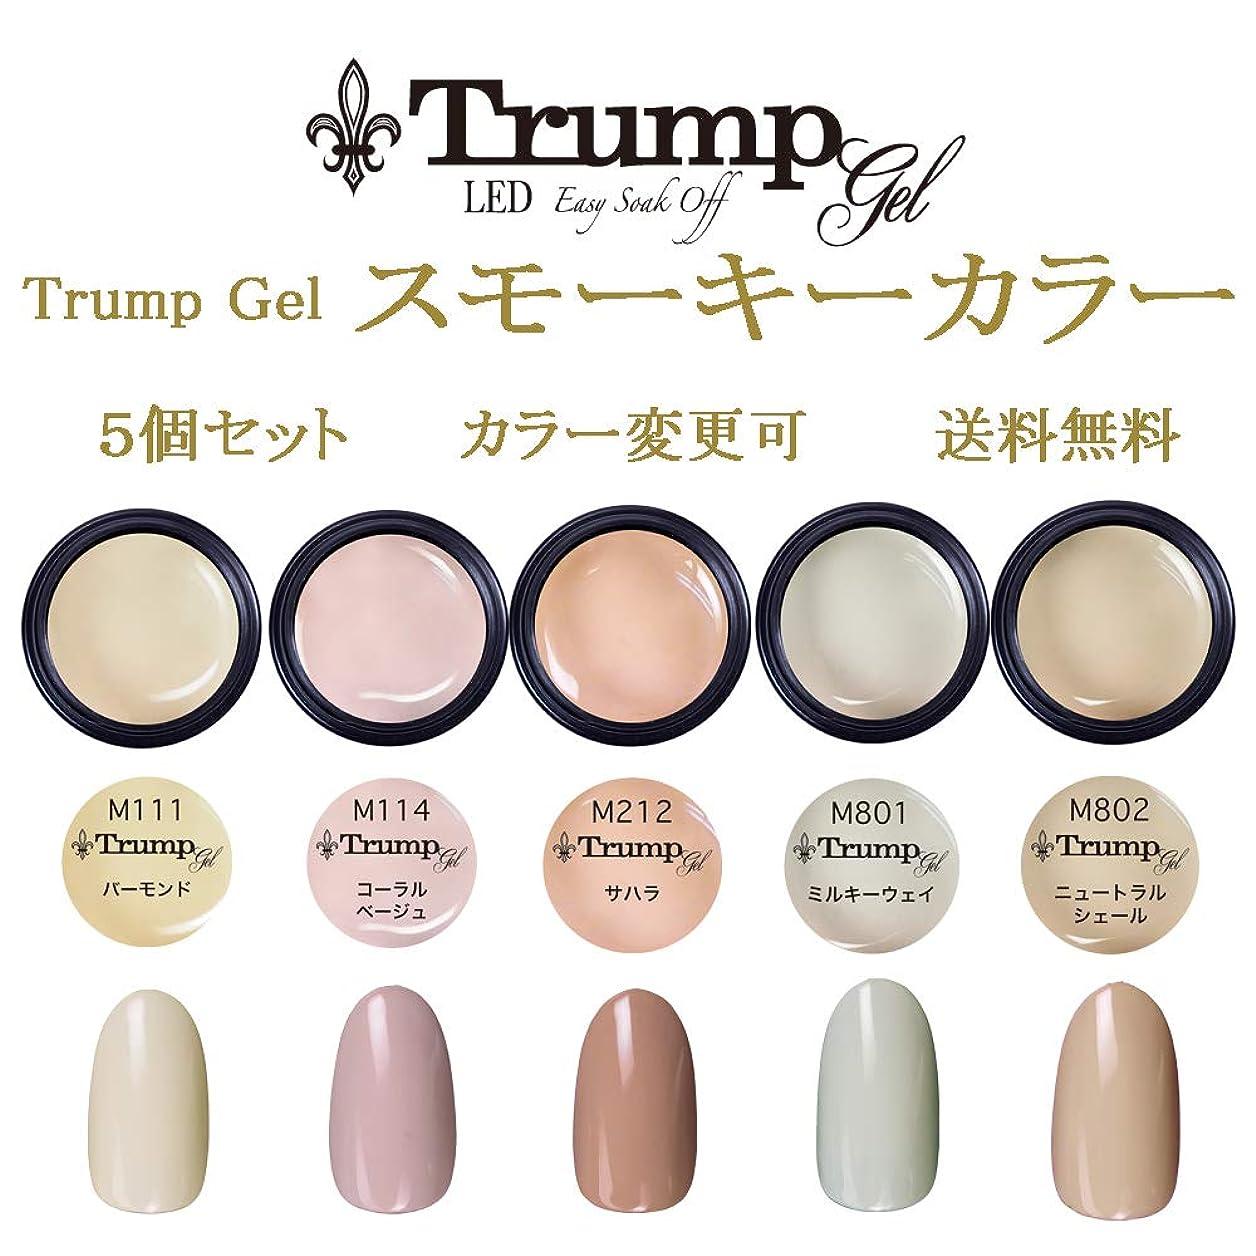 拳妻それから日本製 Trump gel トランプジェル スモーキーカラー 選べる カラージェル 5個セット スモーク ベージュ グレー ブラウン ピンク